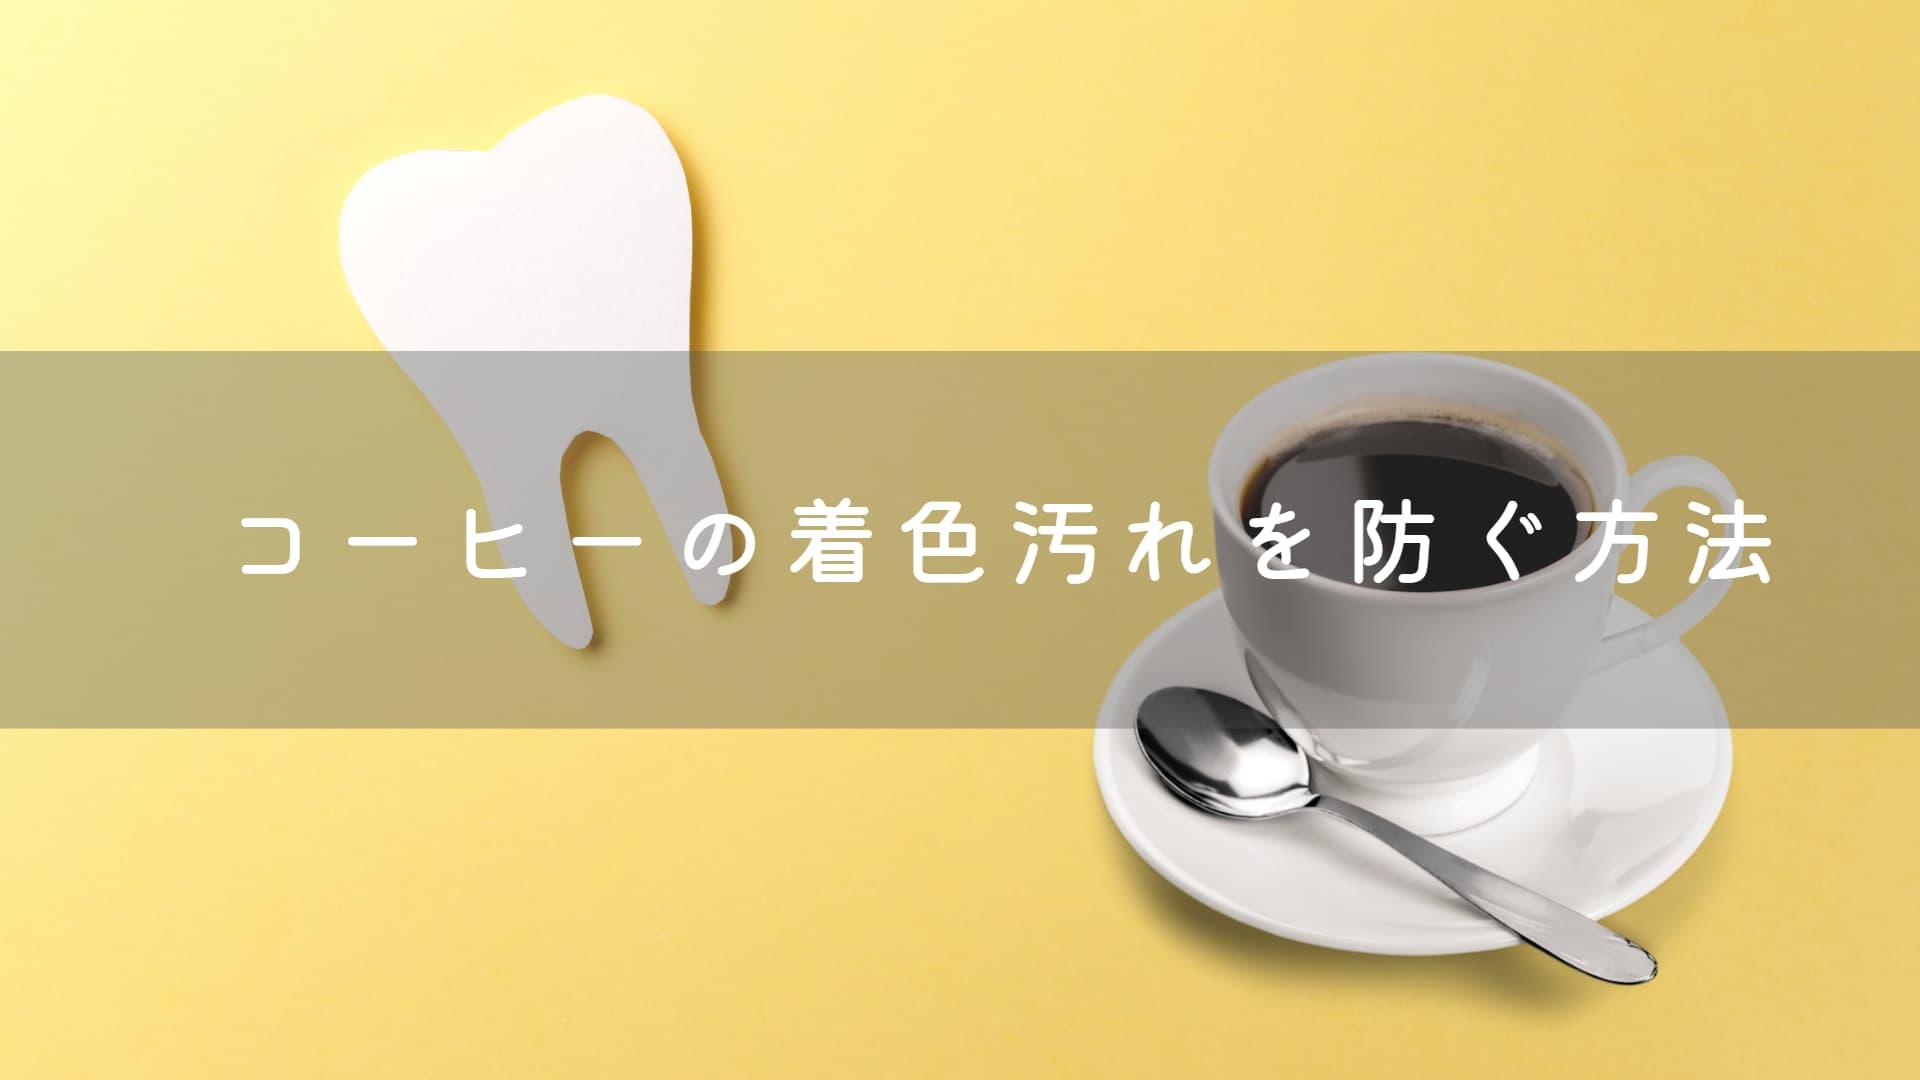 コーヒーによる歯の着色汚れを軽減する方法【おすすめ歯磨き粉】